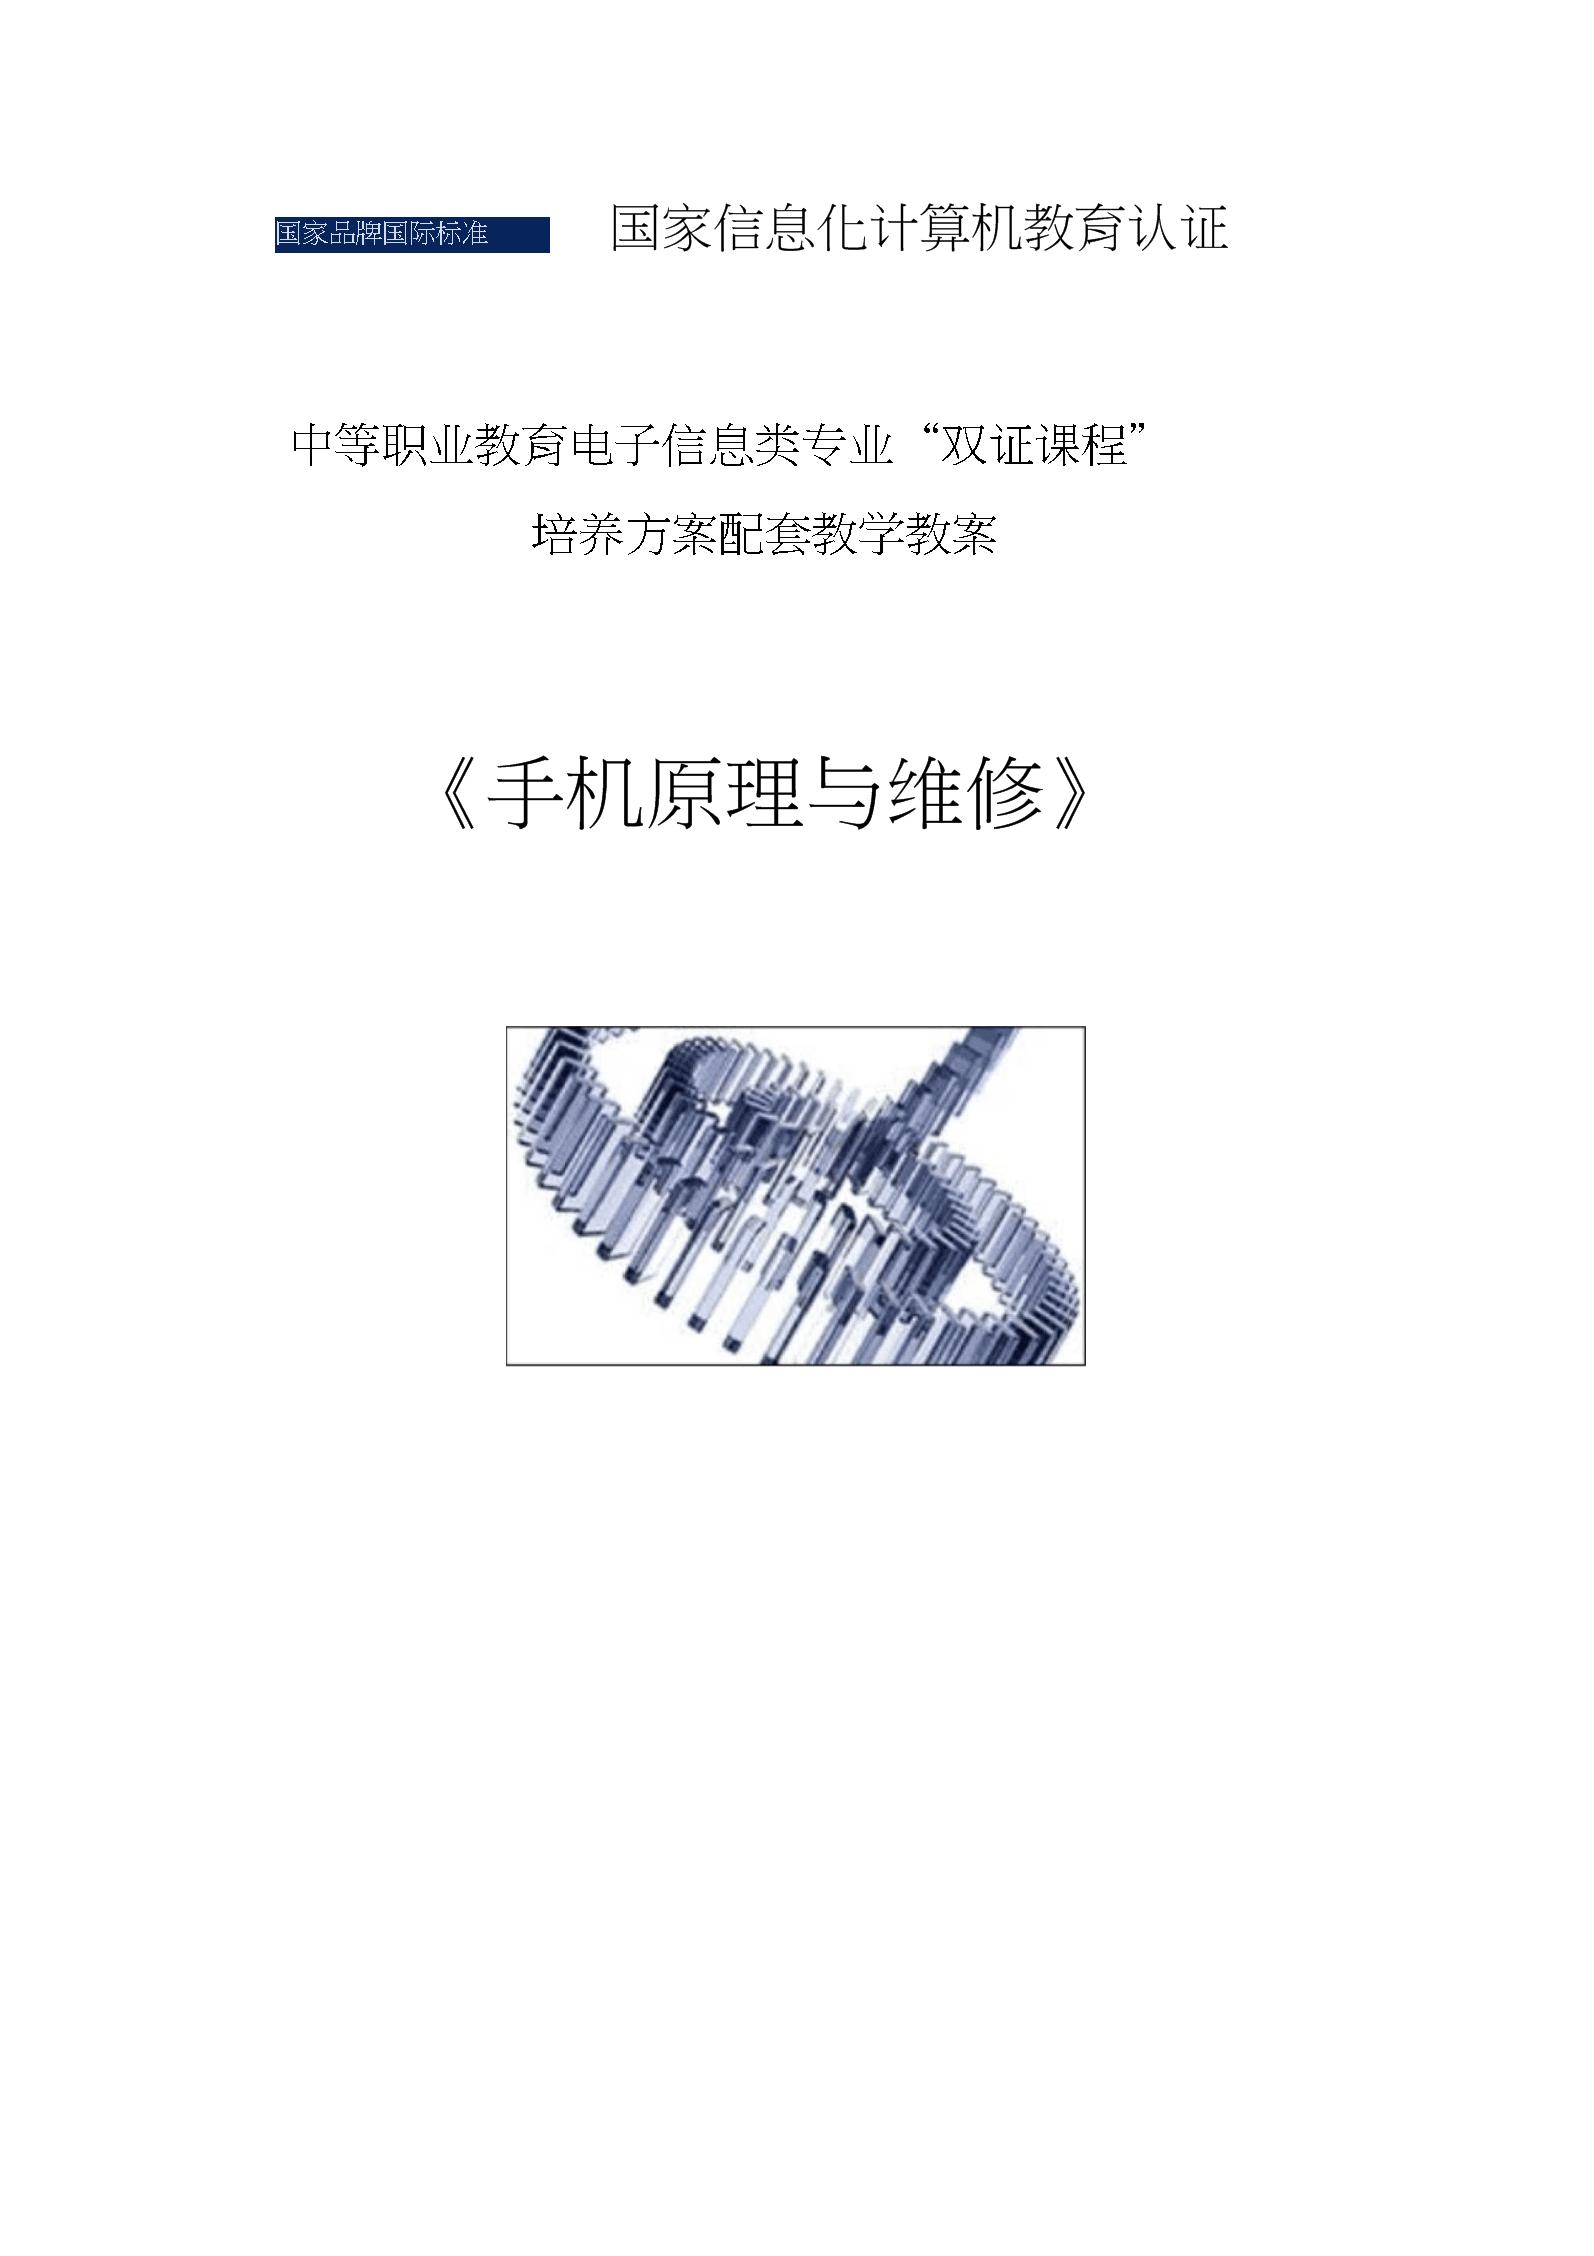 《手机原理与维修》教学教案.docx